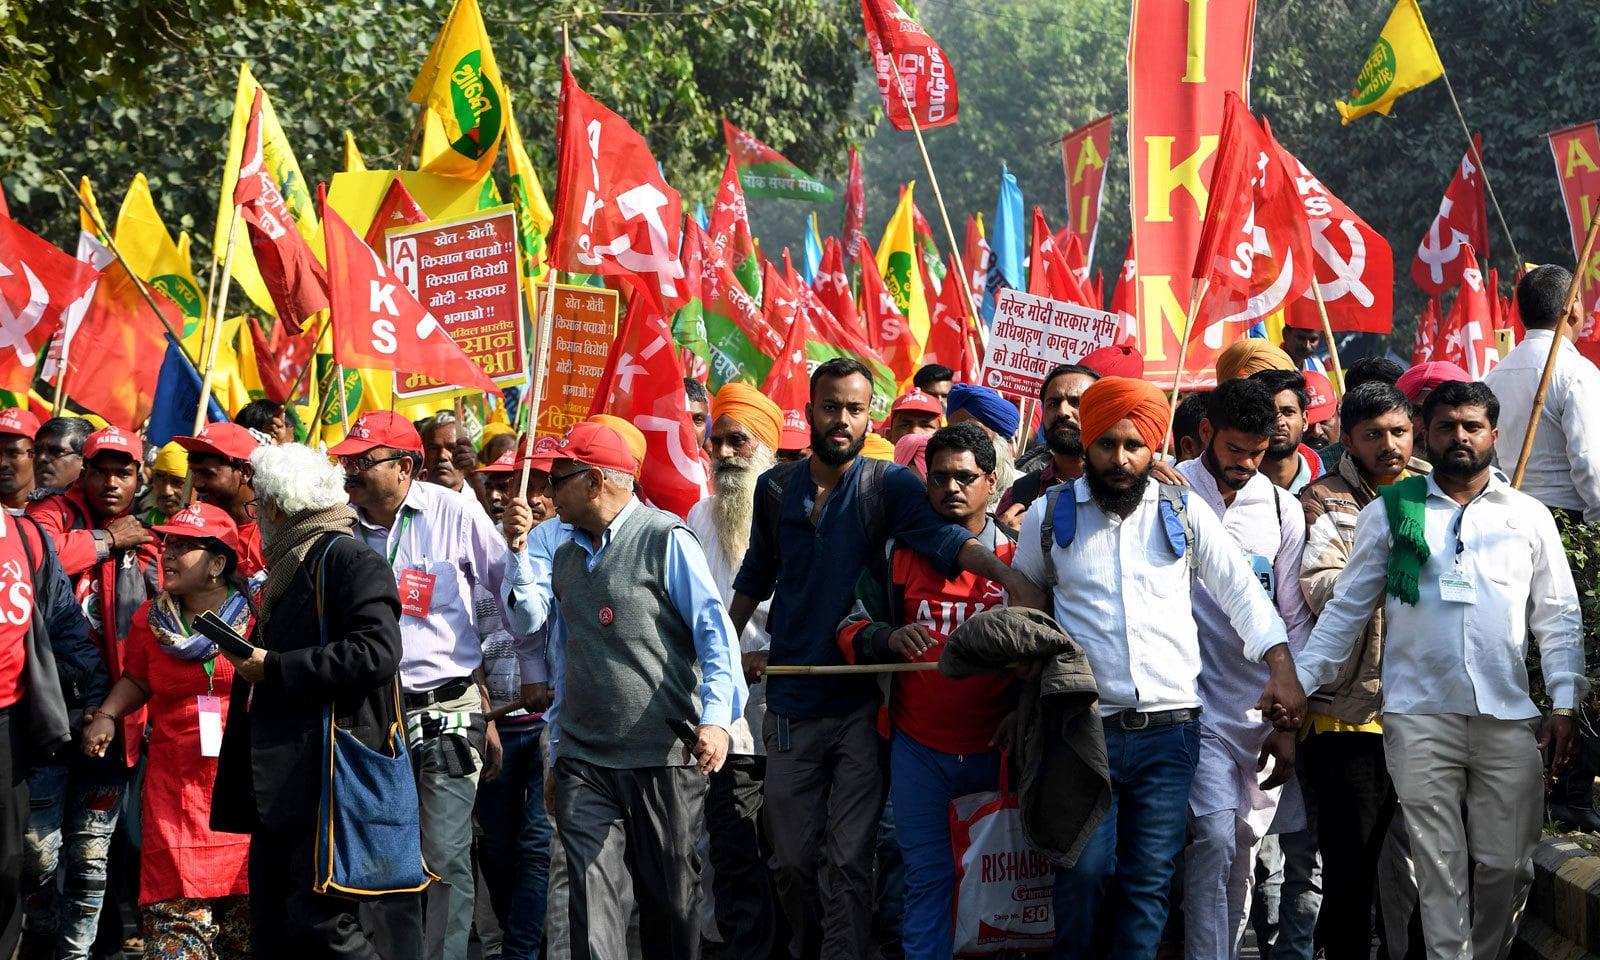 نئی دہلی میں ہزاروں کسانوں نے پارلیمنٹ تک احتجاجی مارچ کیا — فوٹو: اے ایف پی